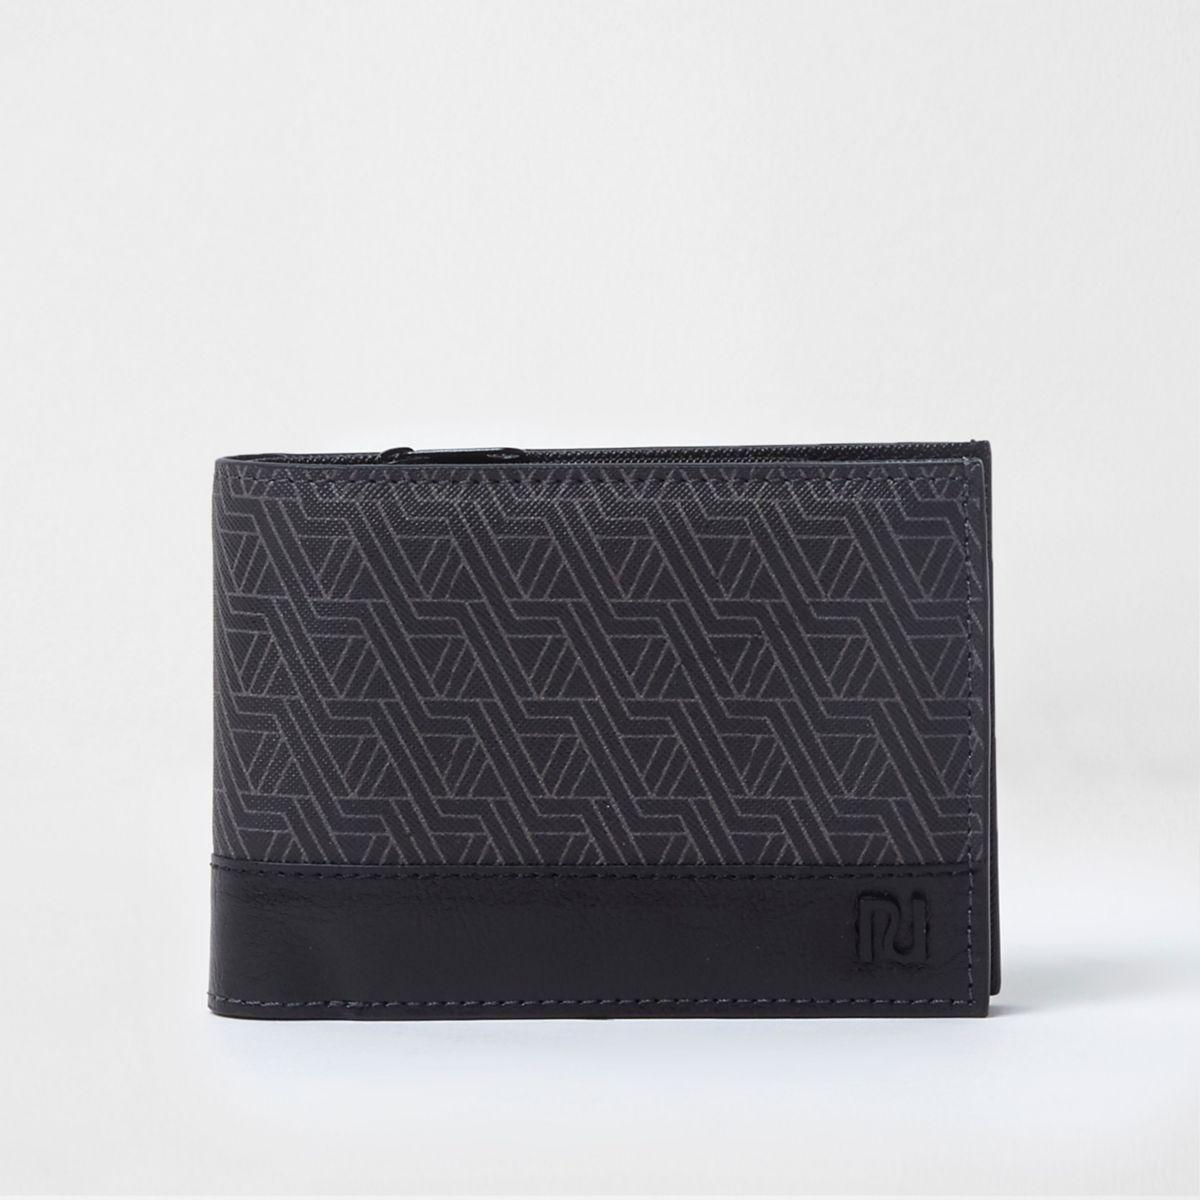 Zwarte portemonnee met grafische print